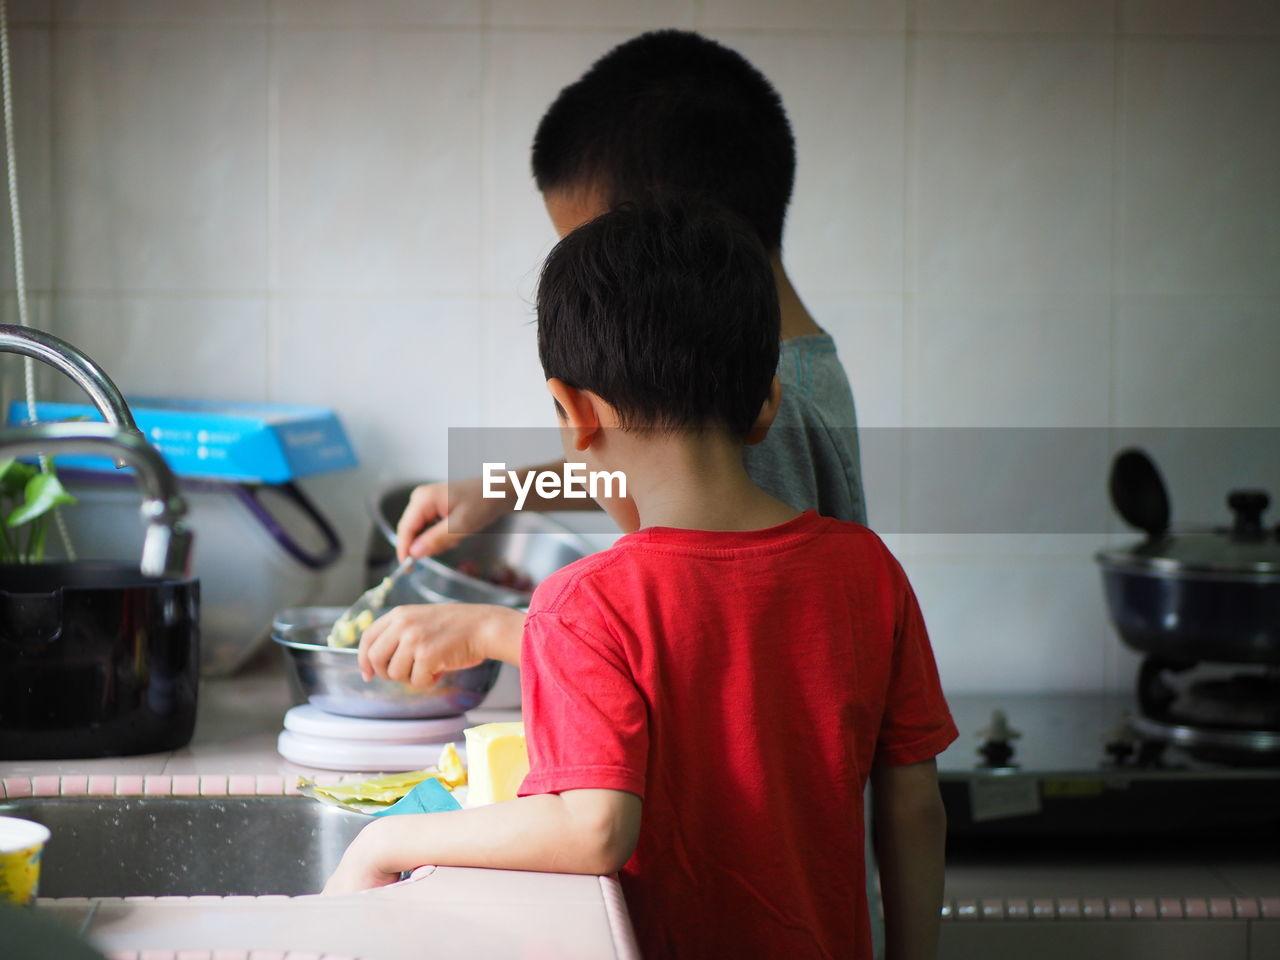 Siblings preparing food in kitchen